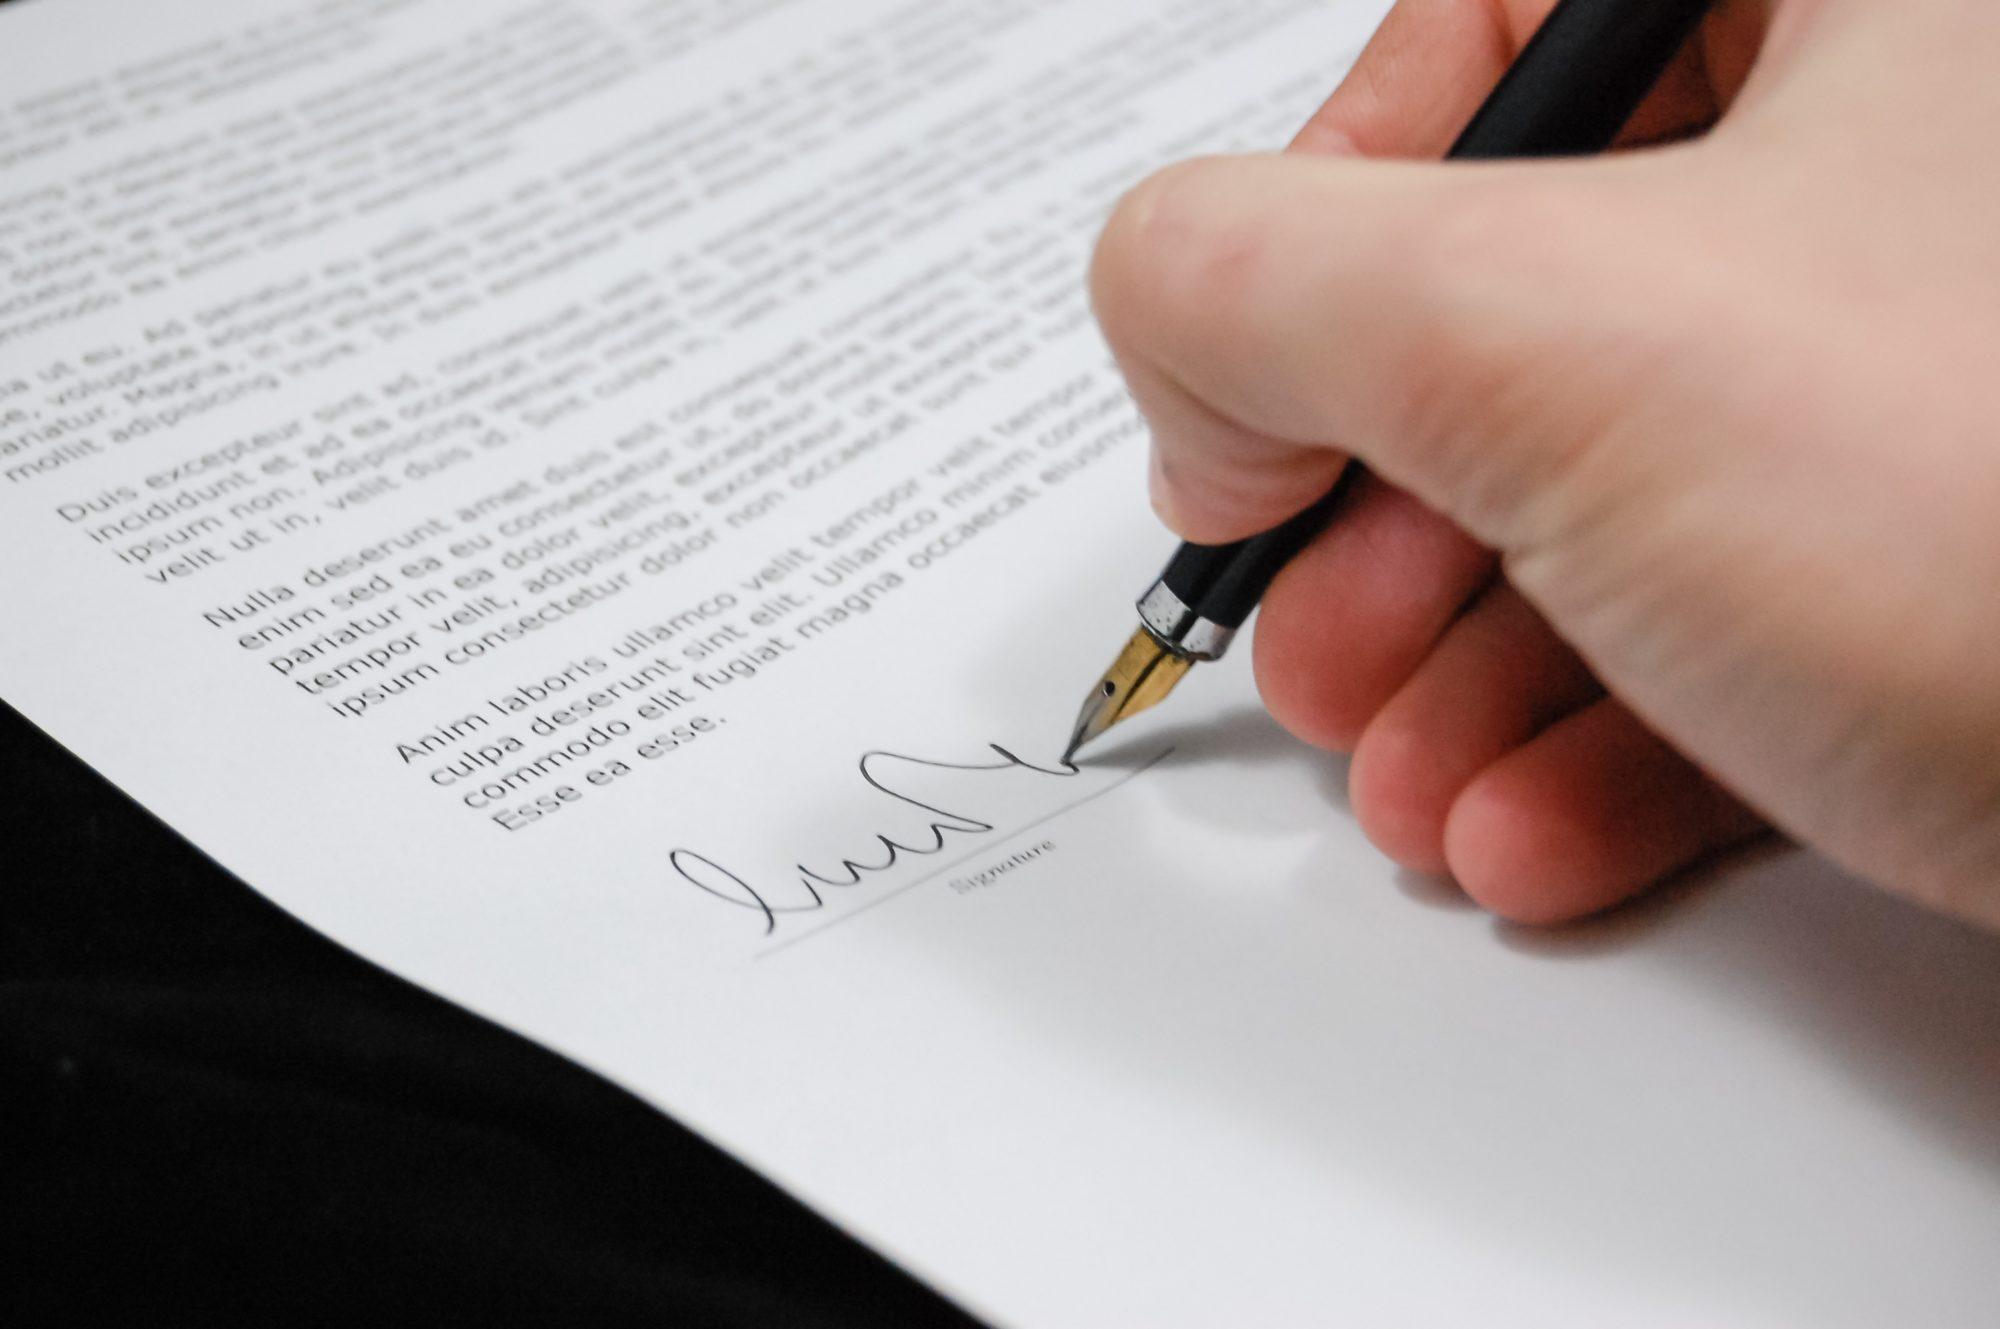 LoseSignatur.de - Verdienen Sie ohne großen Aufwand mit Ihrer Signatur.